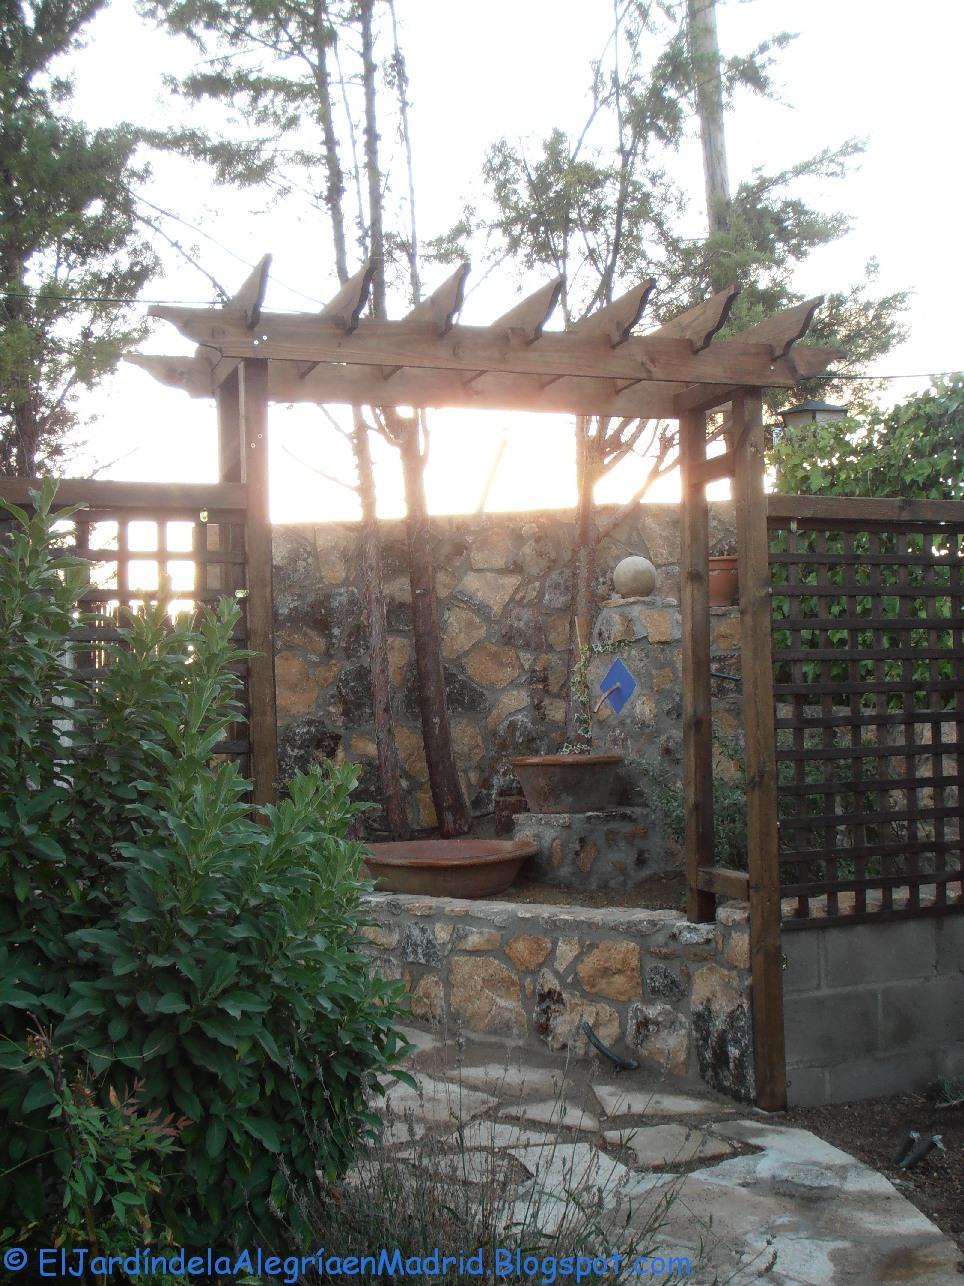 El jard n de la alegr a constru mos un arco de madera for Arcos de jardin